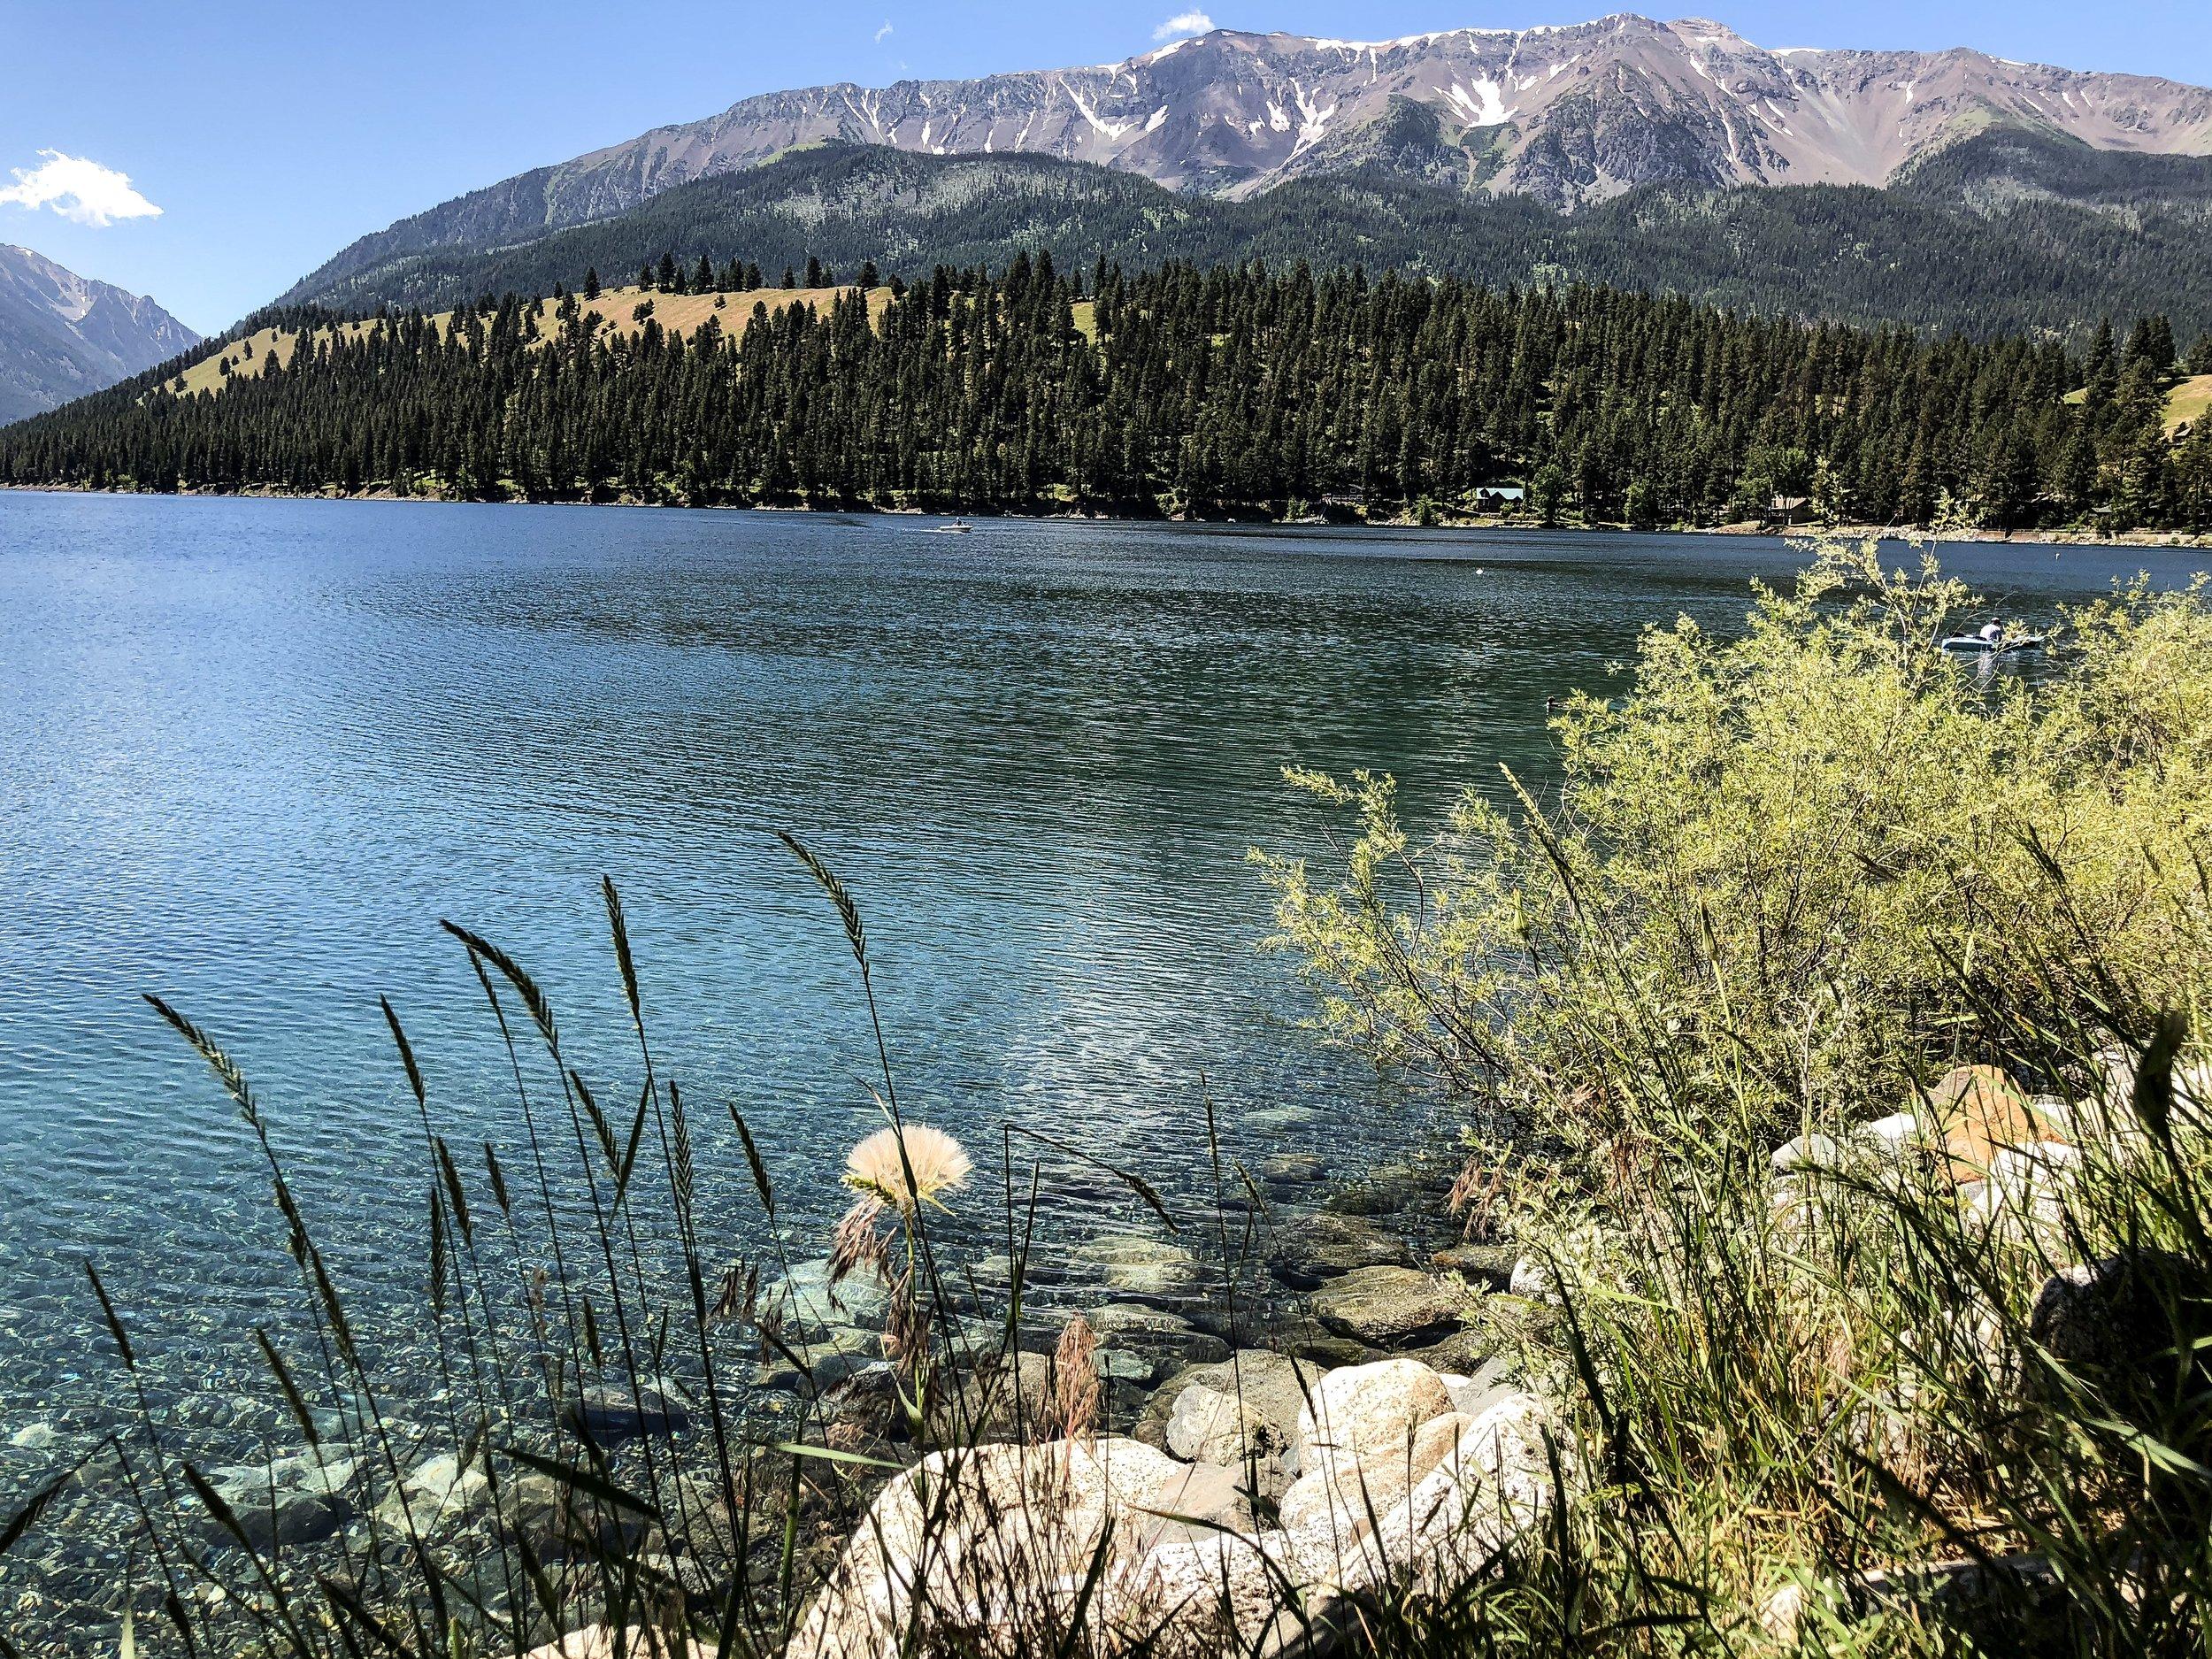 Lake Wallowa